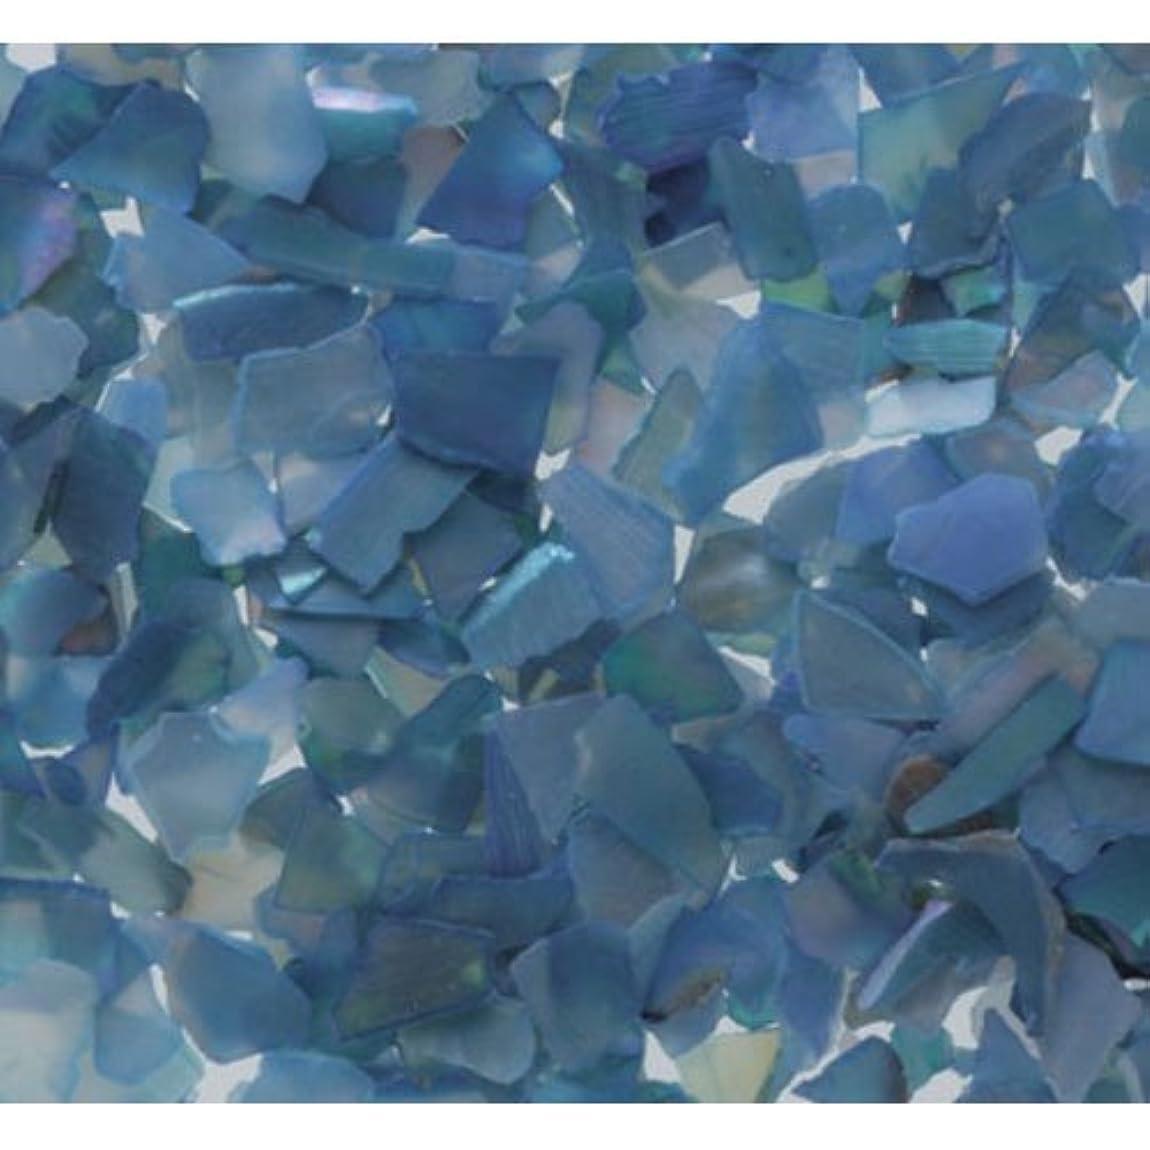 選出する楽しませる数ピカエース ネイル用パウダー シェルグレイン M #327 ブルー 1g